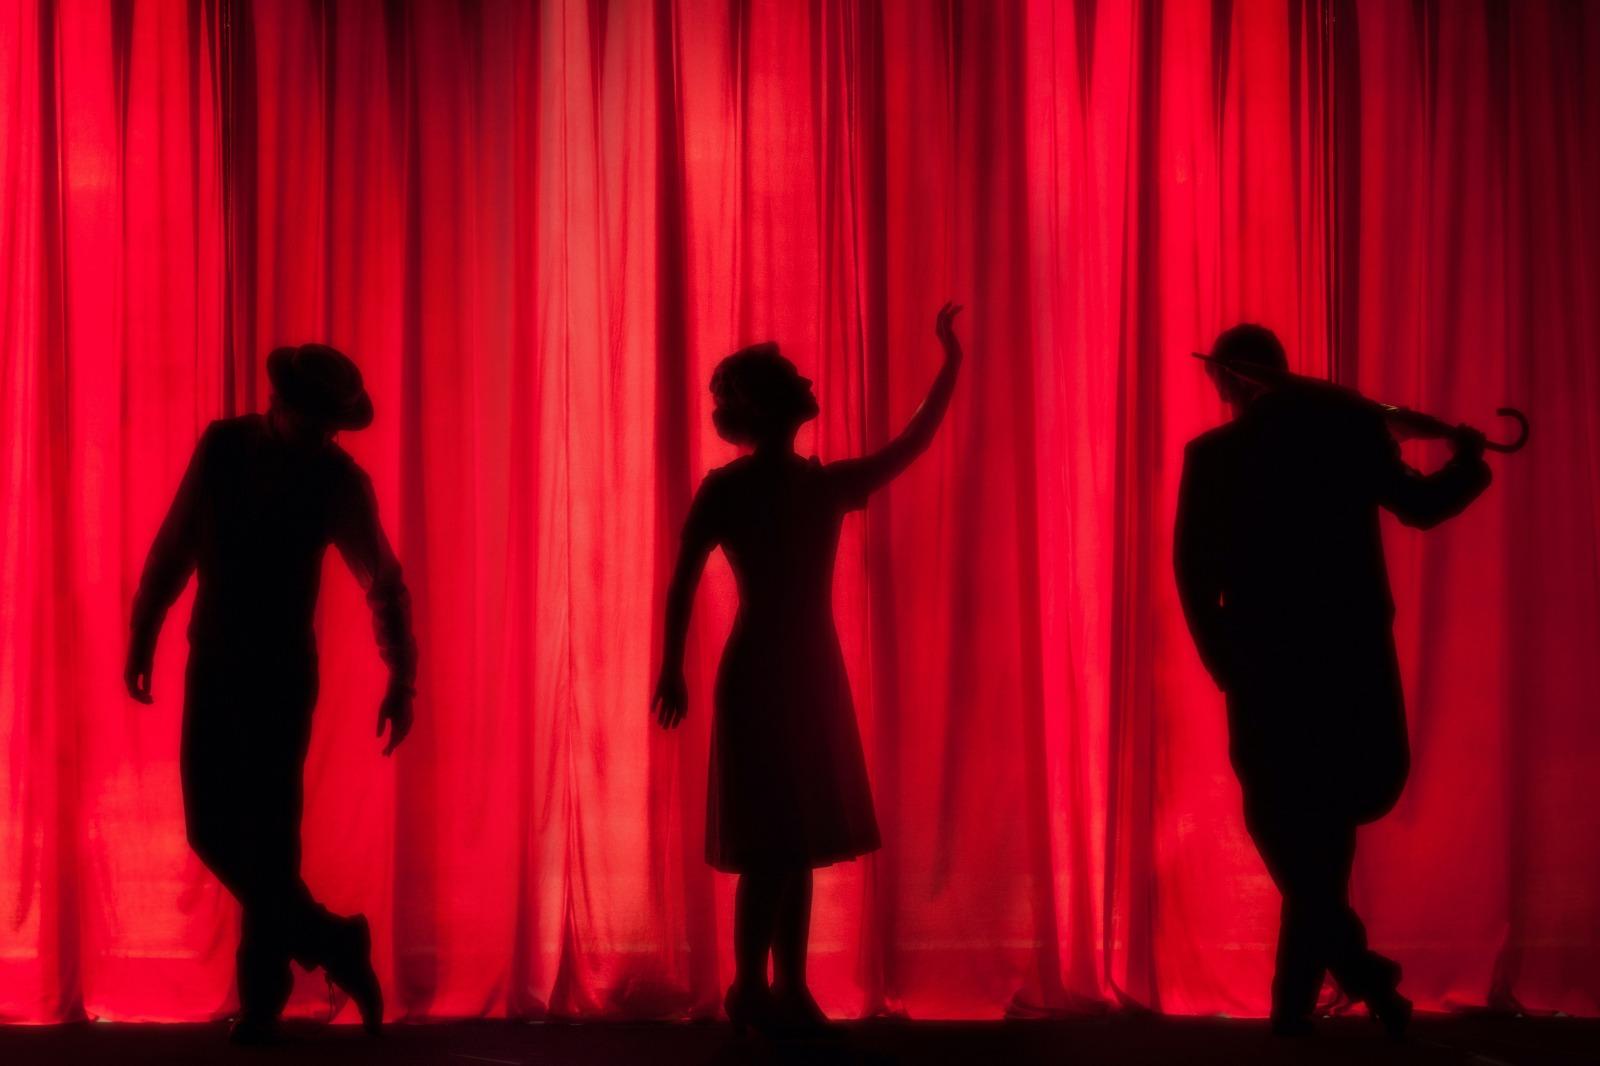 teatro e spettacolo interrotti dal covid